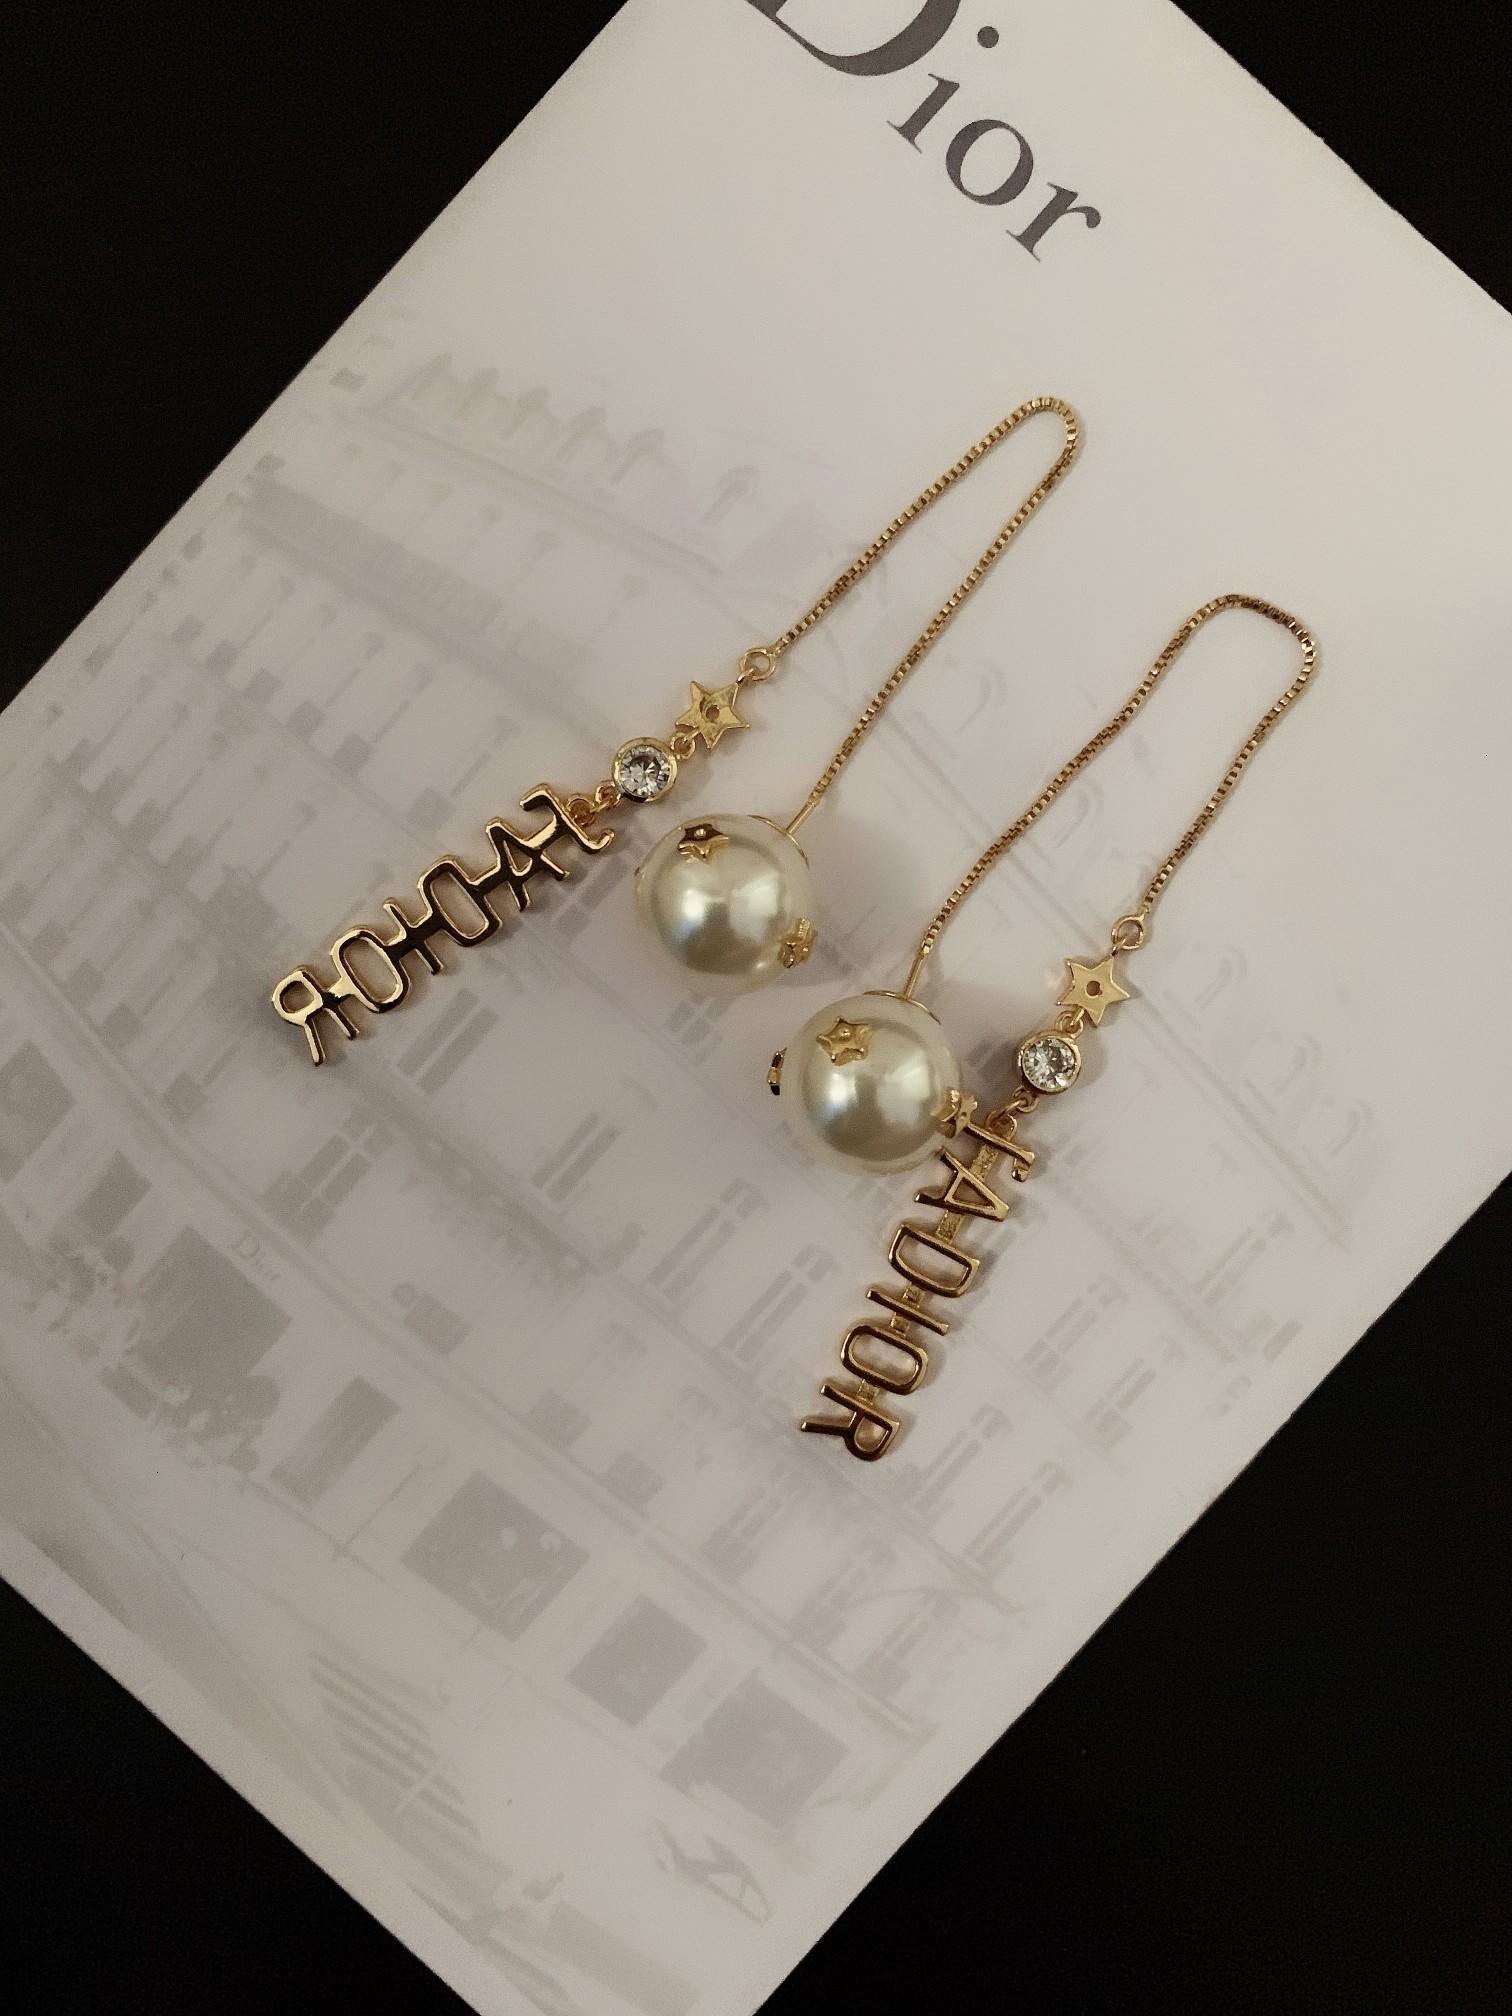 new brand Jewelry eardrop 2019 brass diamond tassel pearl earrings women love birthday gift top quality Jewelry women earrings 25-28DB185